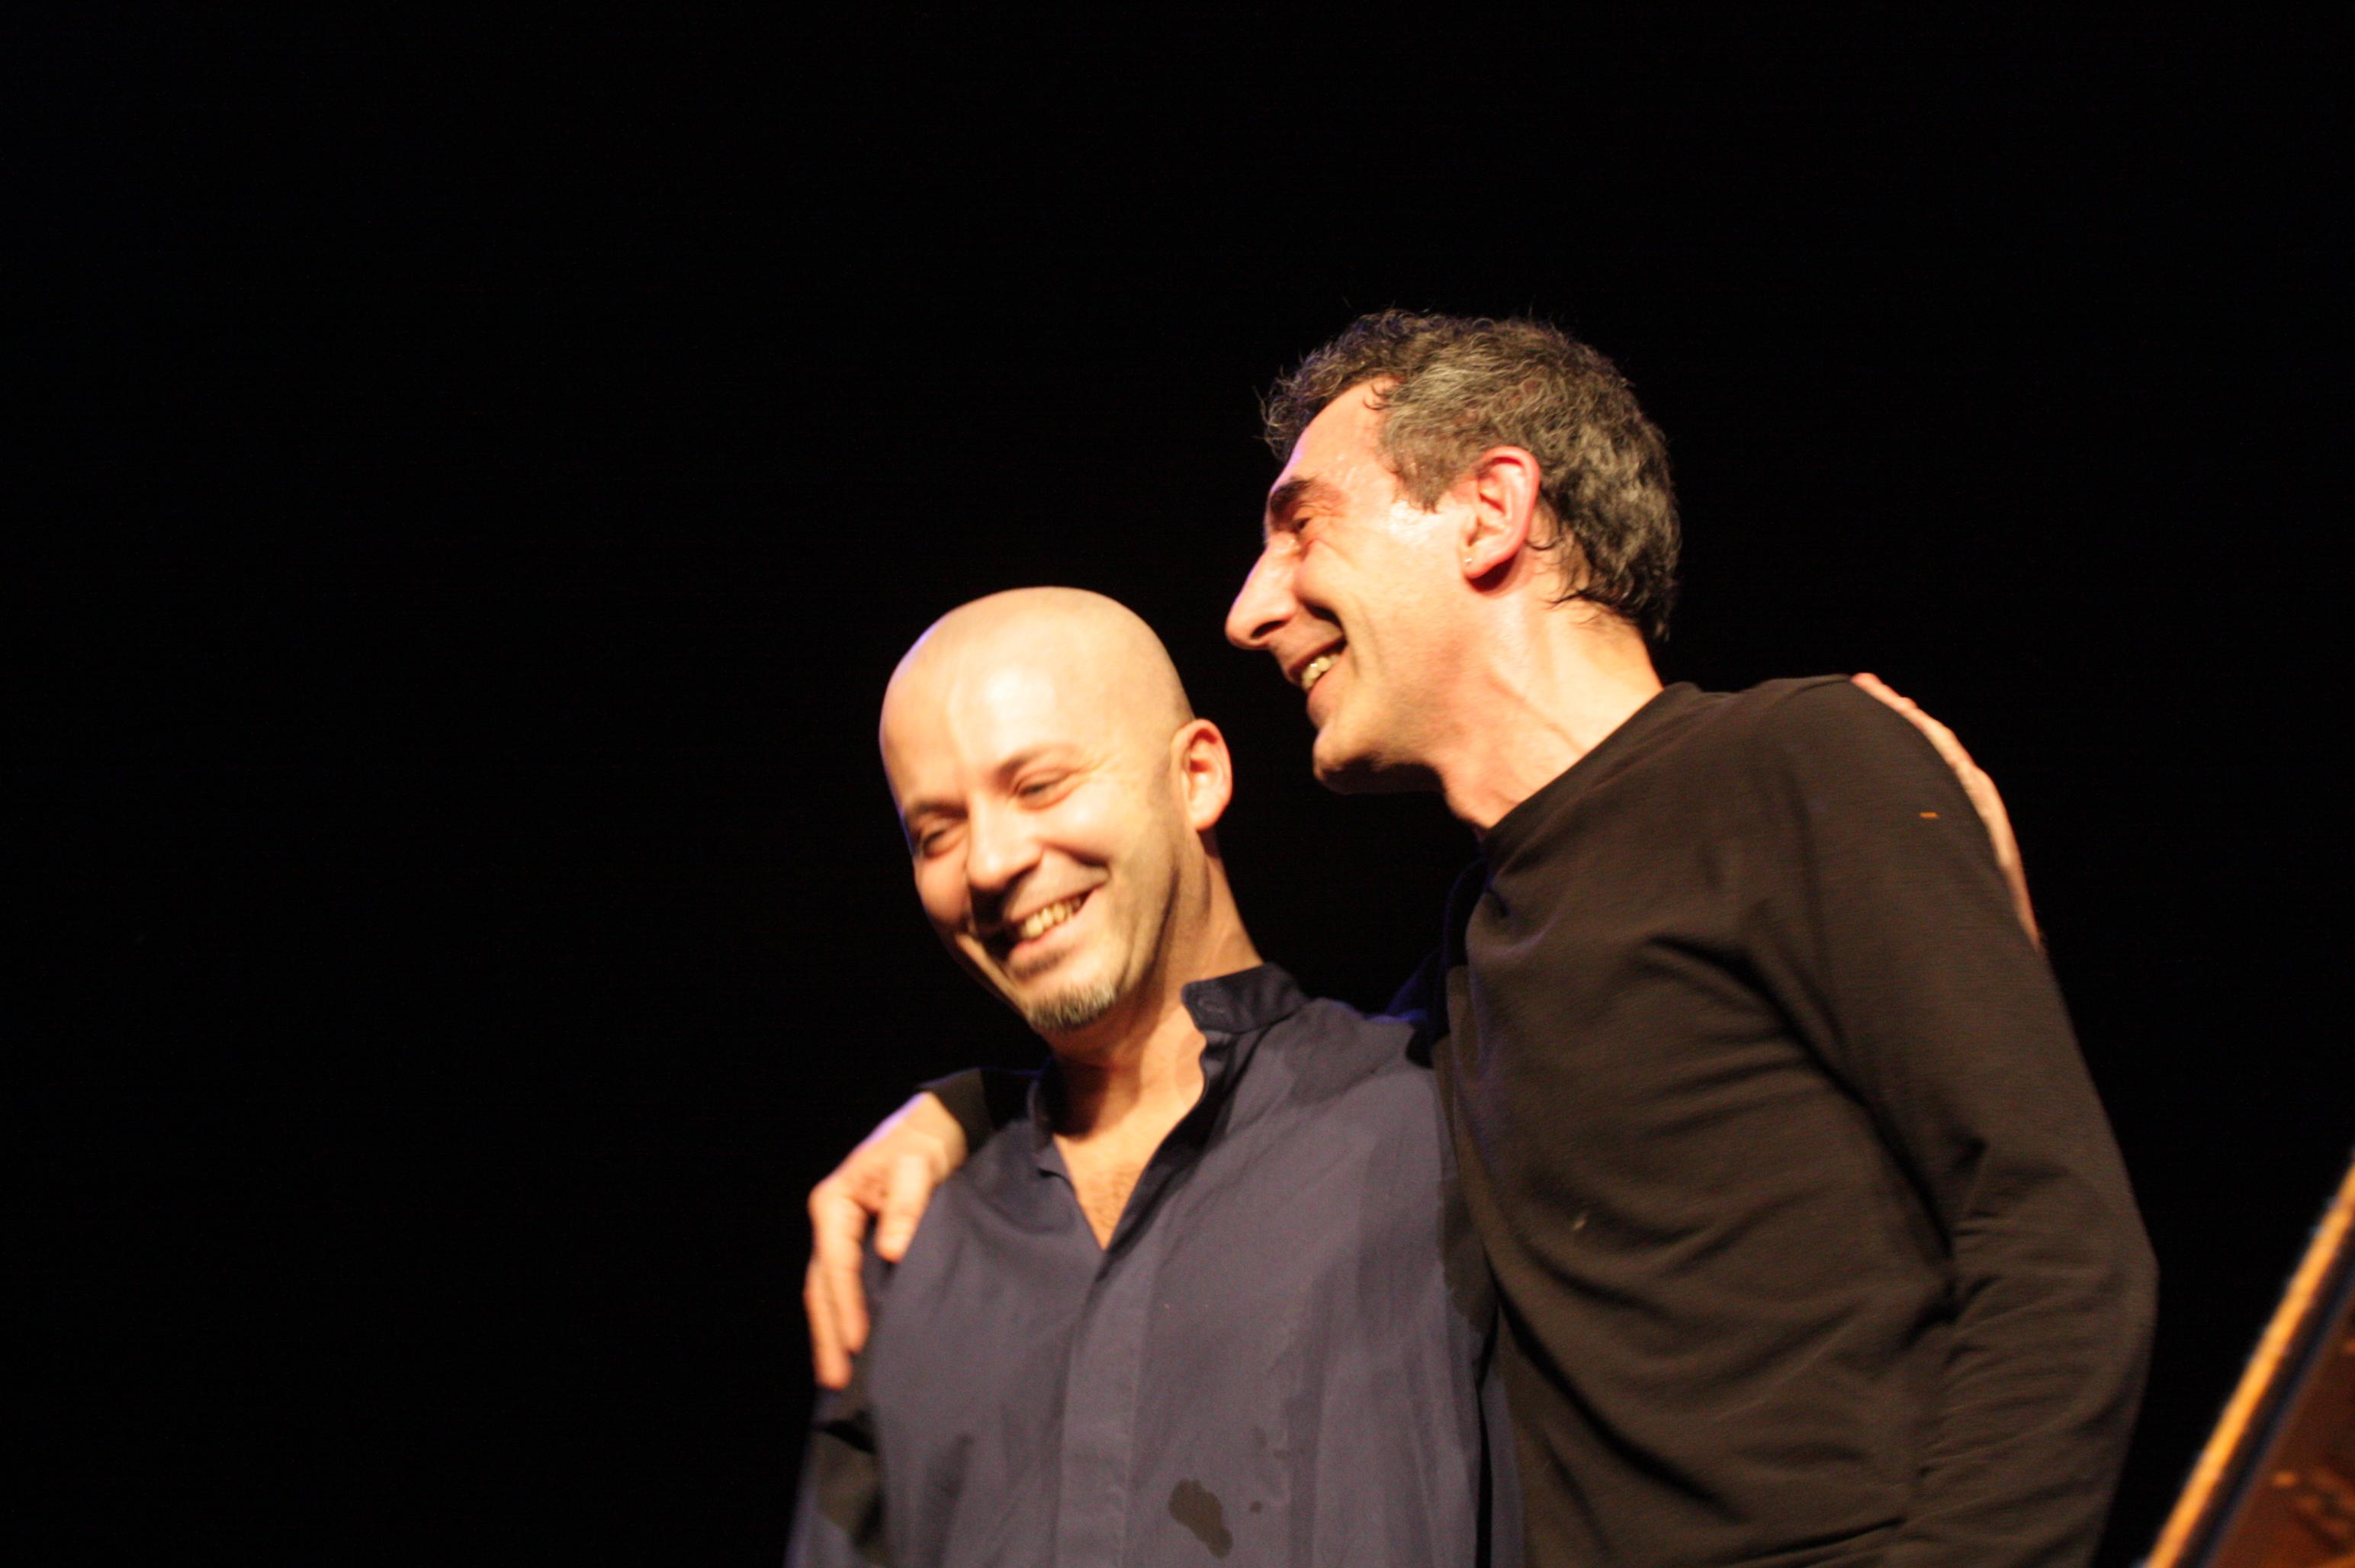 Stefano Battaglia and Michele Rabbia